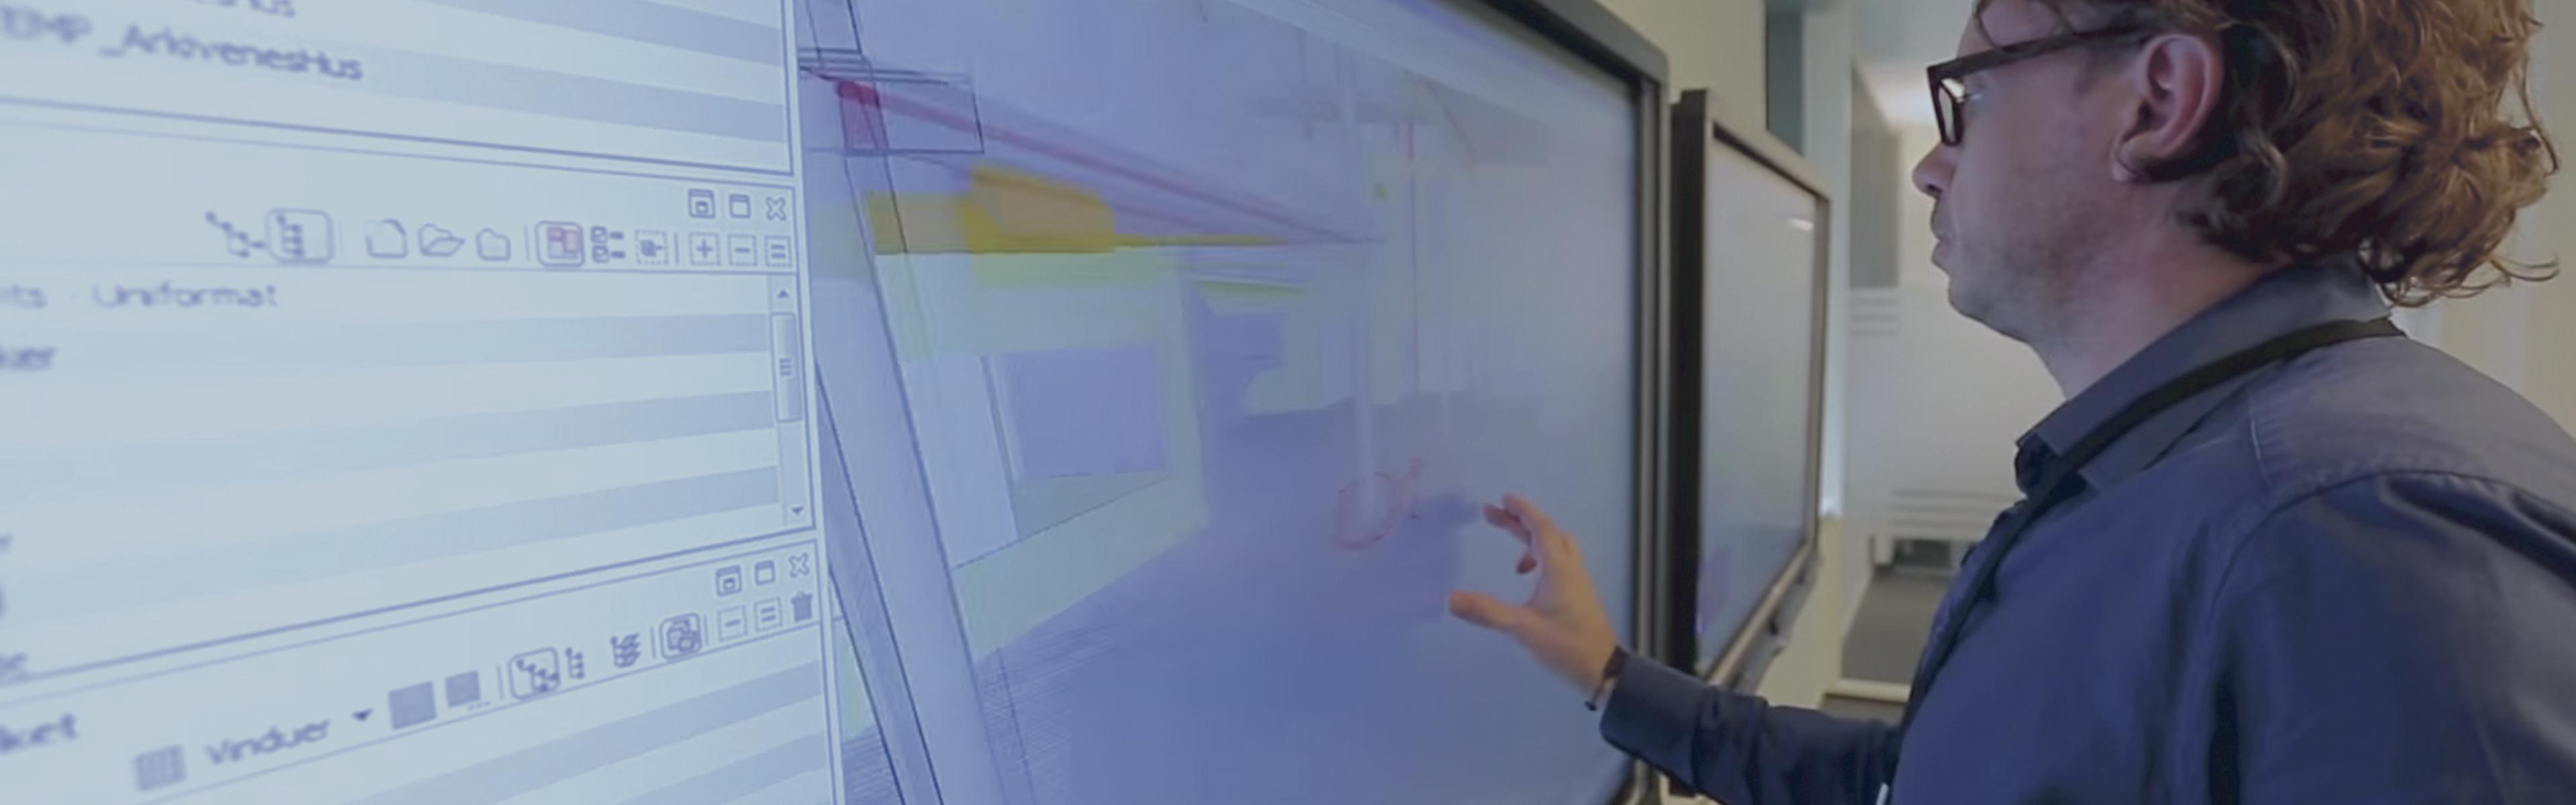 Header, Kruse Smith, interaktivitet SMART Board, BIM-rom